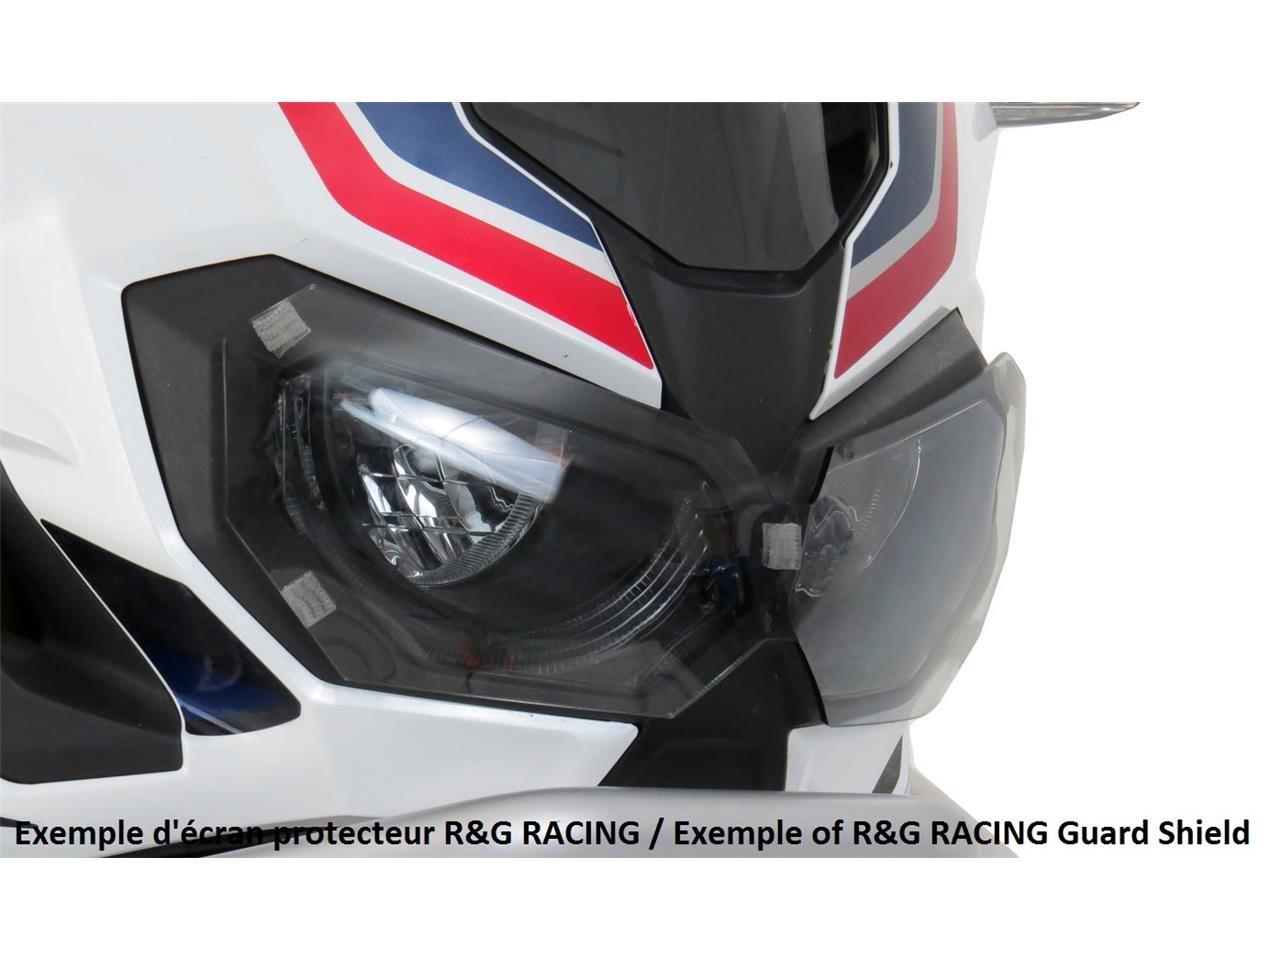 Ecran de protection de feu avant R&G Racing Honda CBR 1000 RR 17-18